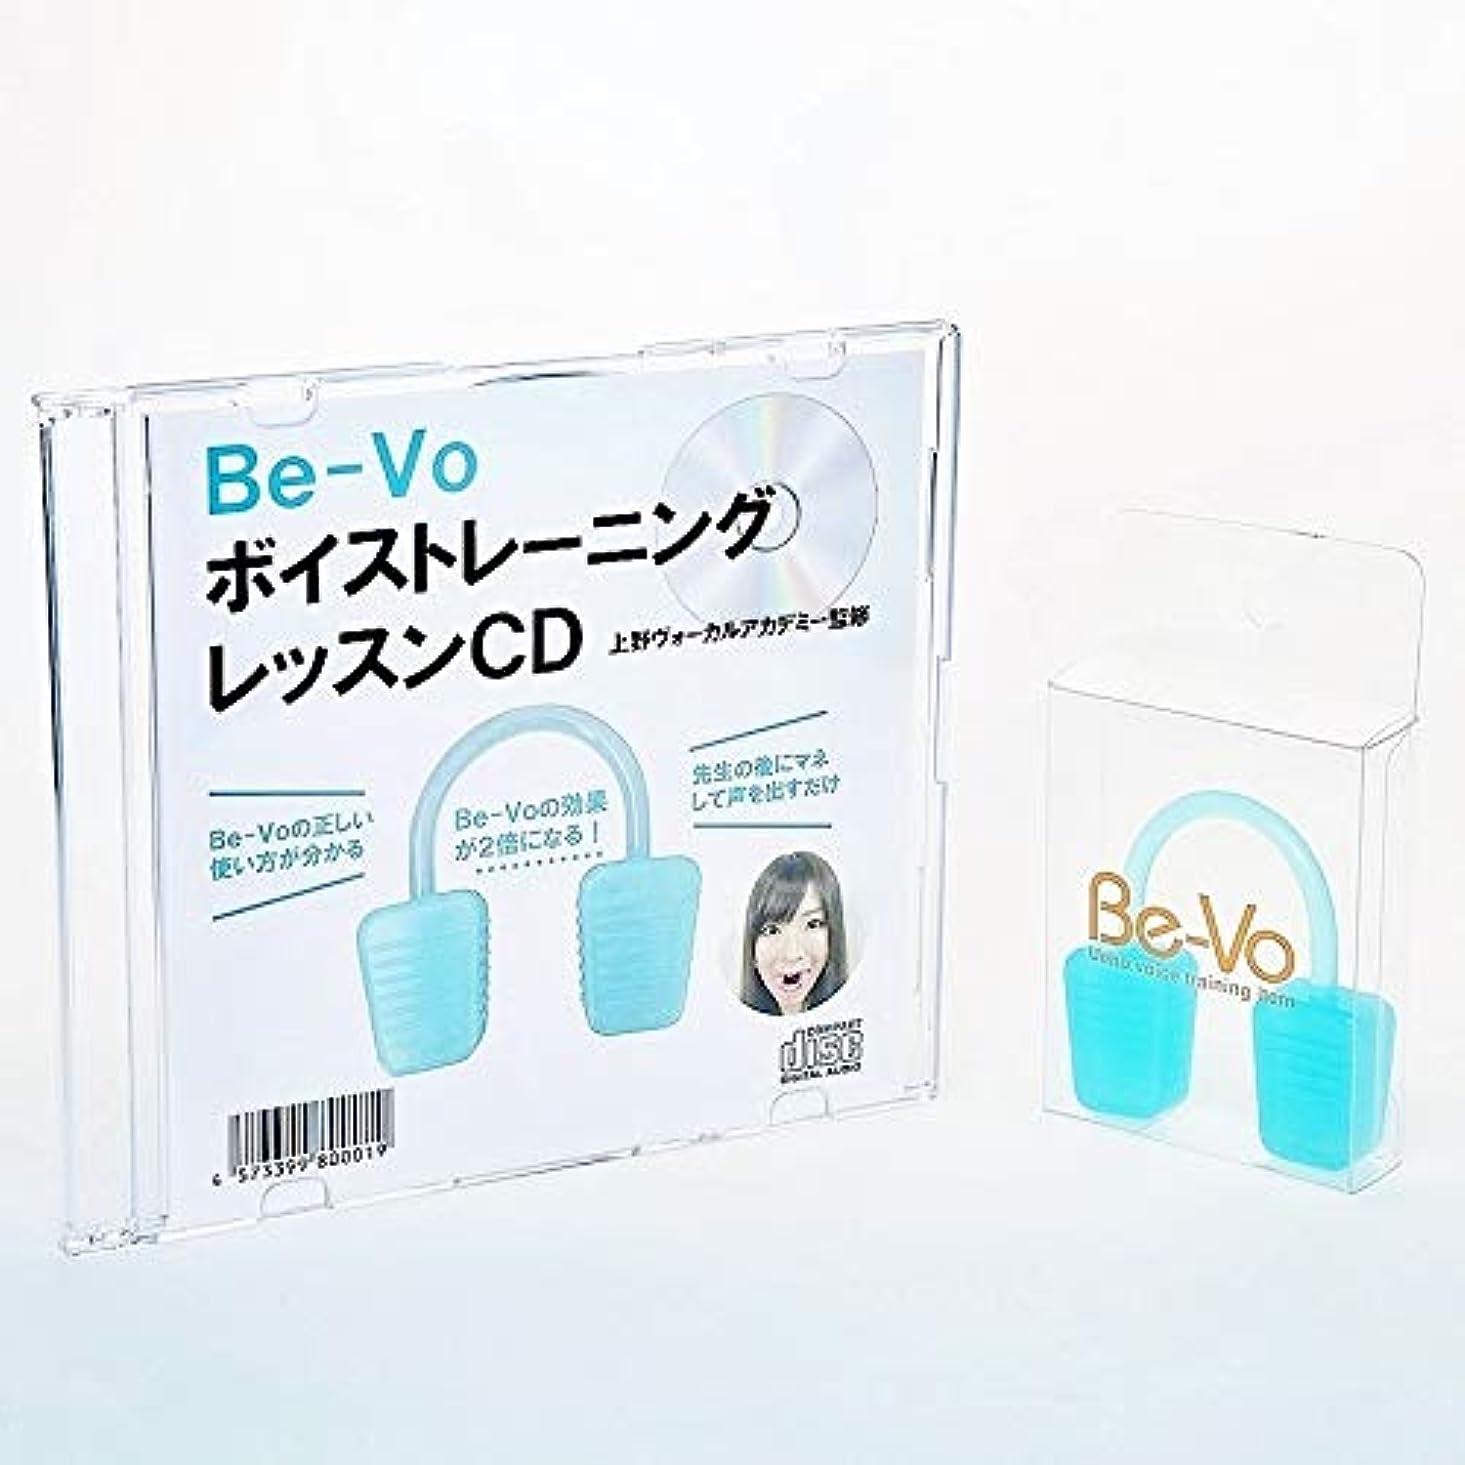 水平群がる主権者Be-Vo CD セット ブルー ボイストレーニング器具Be-Vo(ビーボ)+Be-VoボイストレーニングレッスンCD2点セット